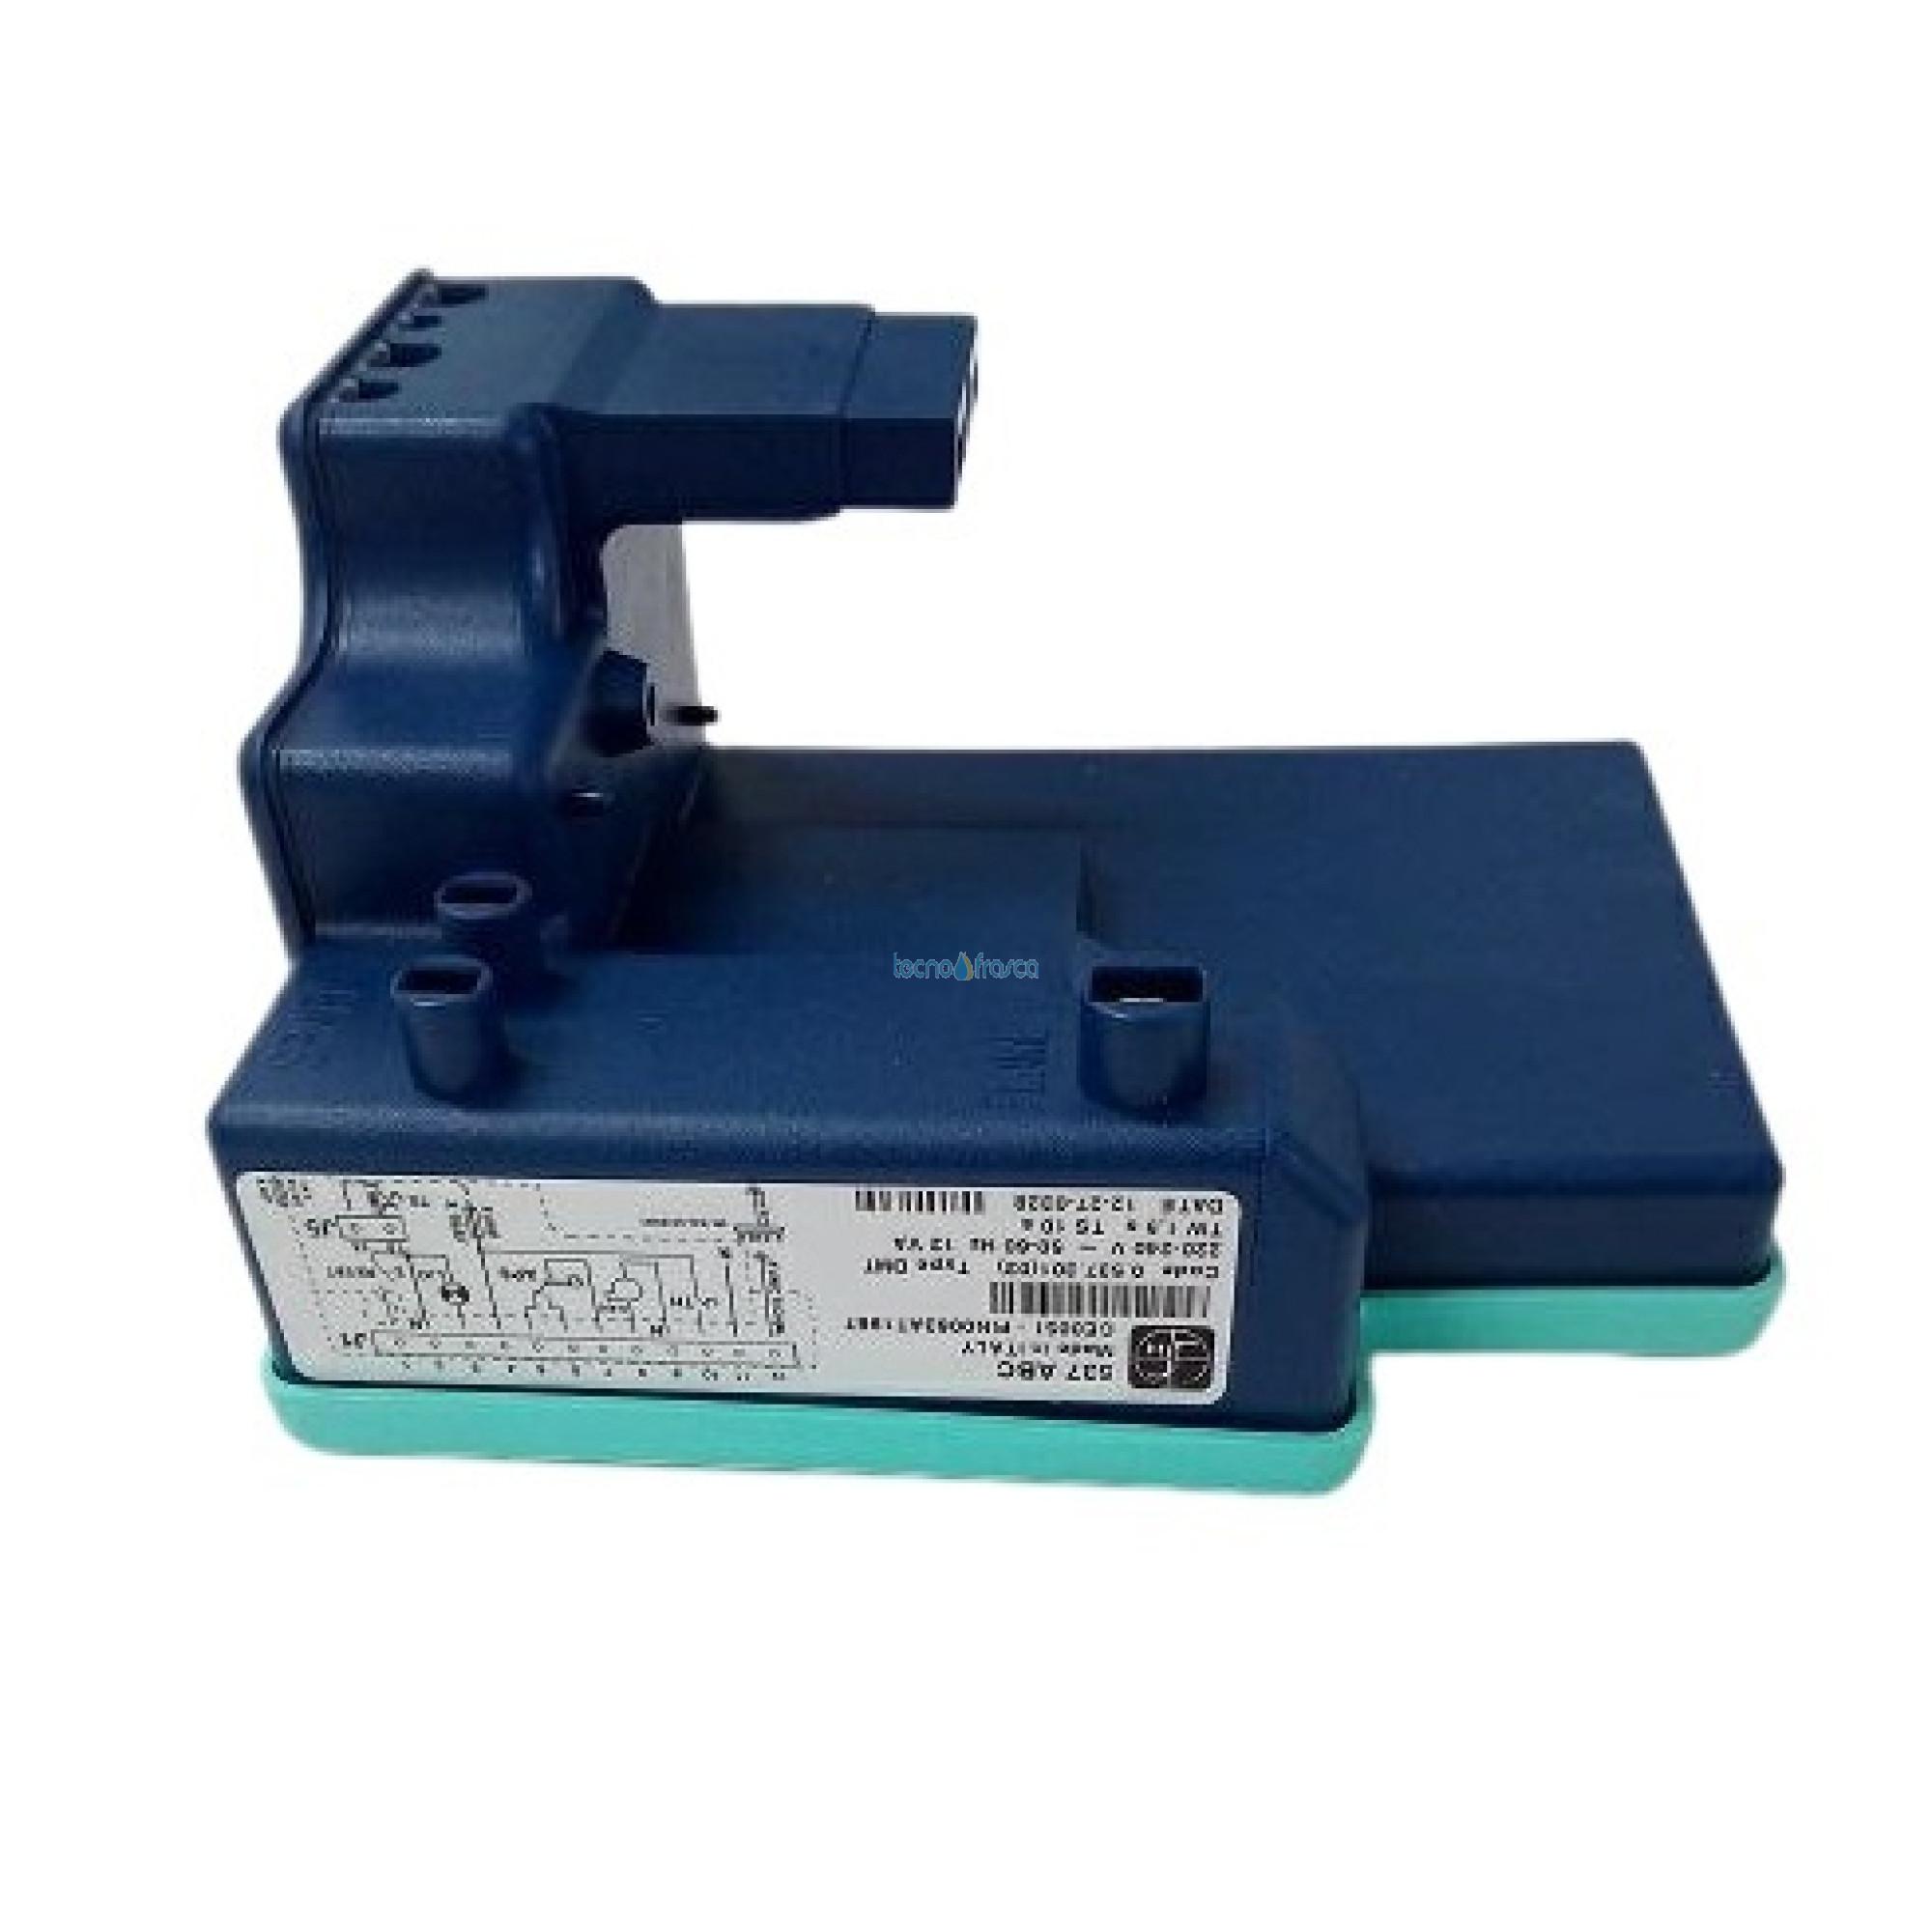 Saunier duval scheda abc 537 0537301 0020106347